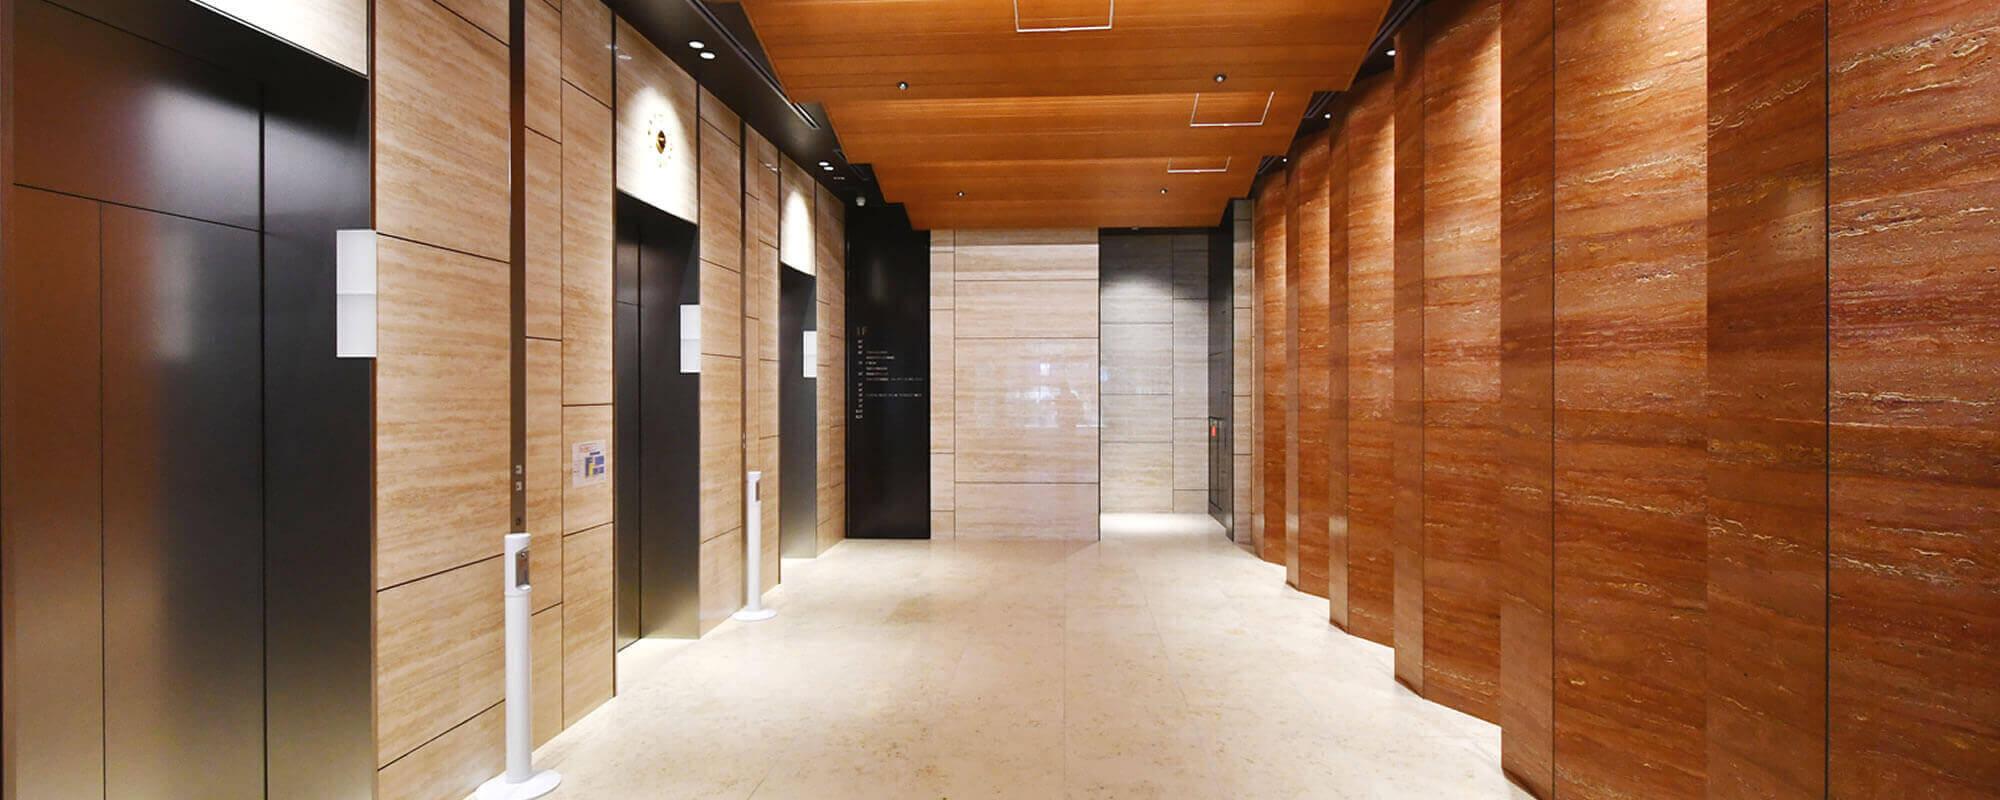 1階エレベータホール